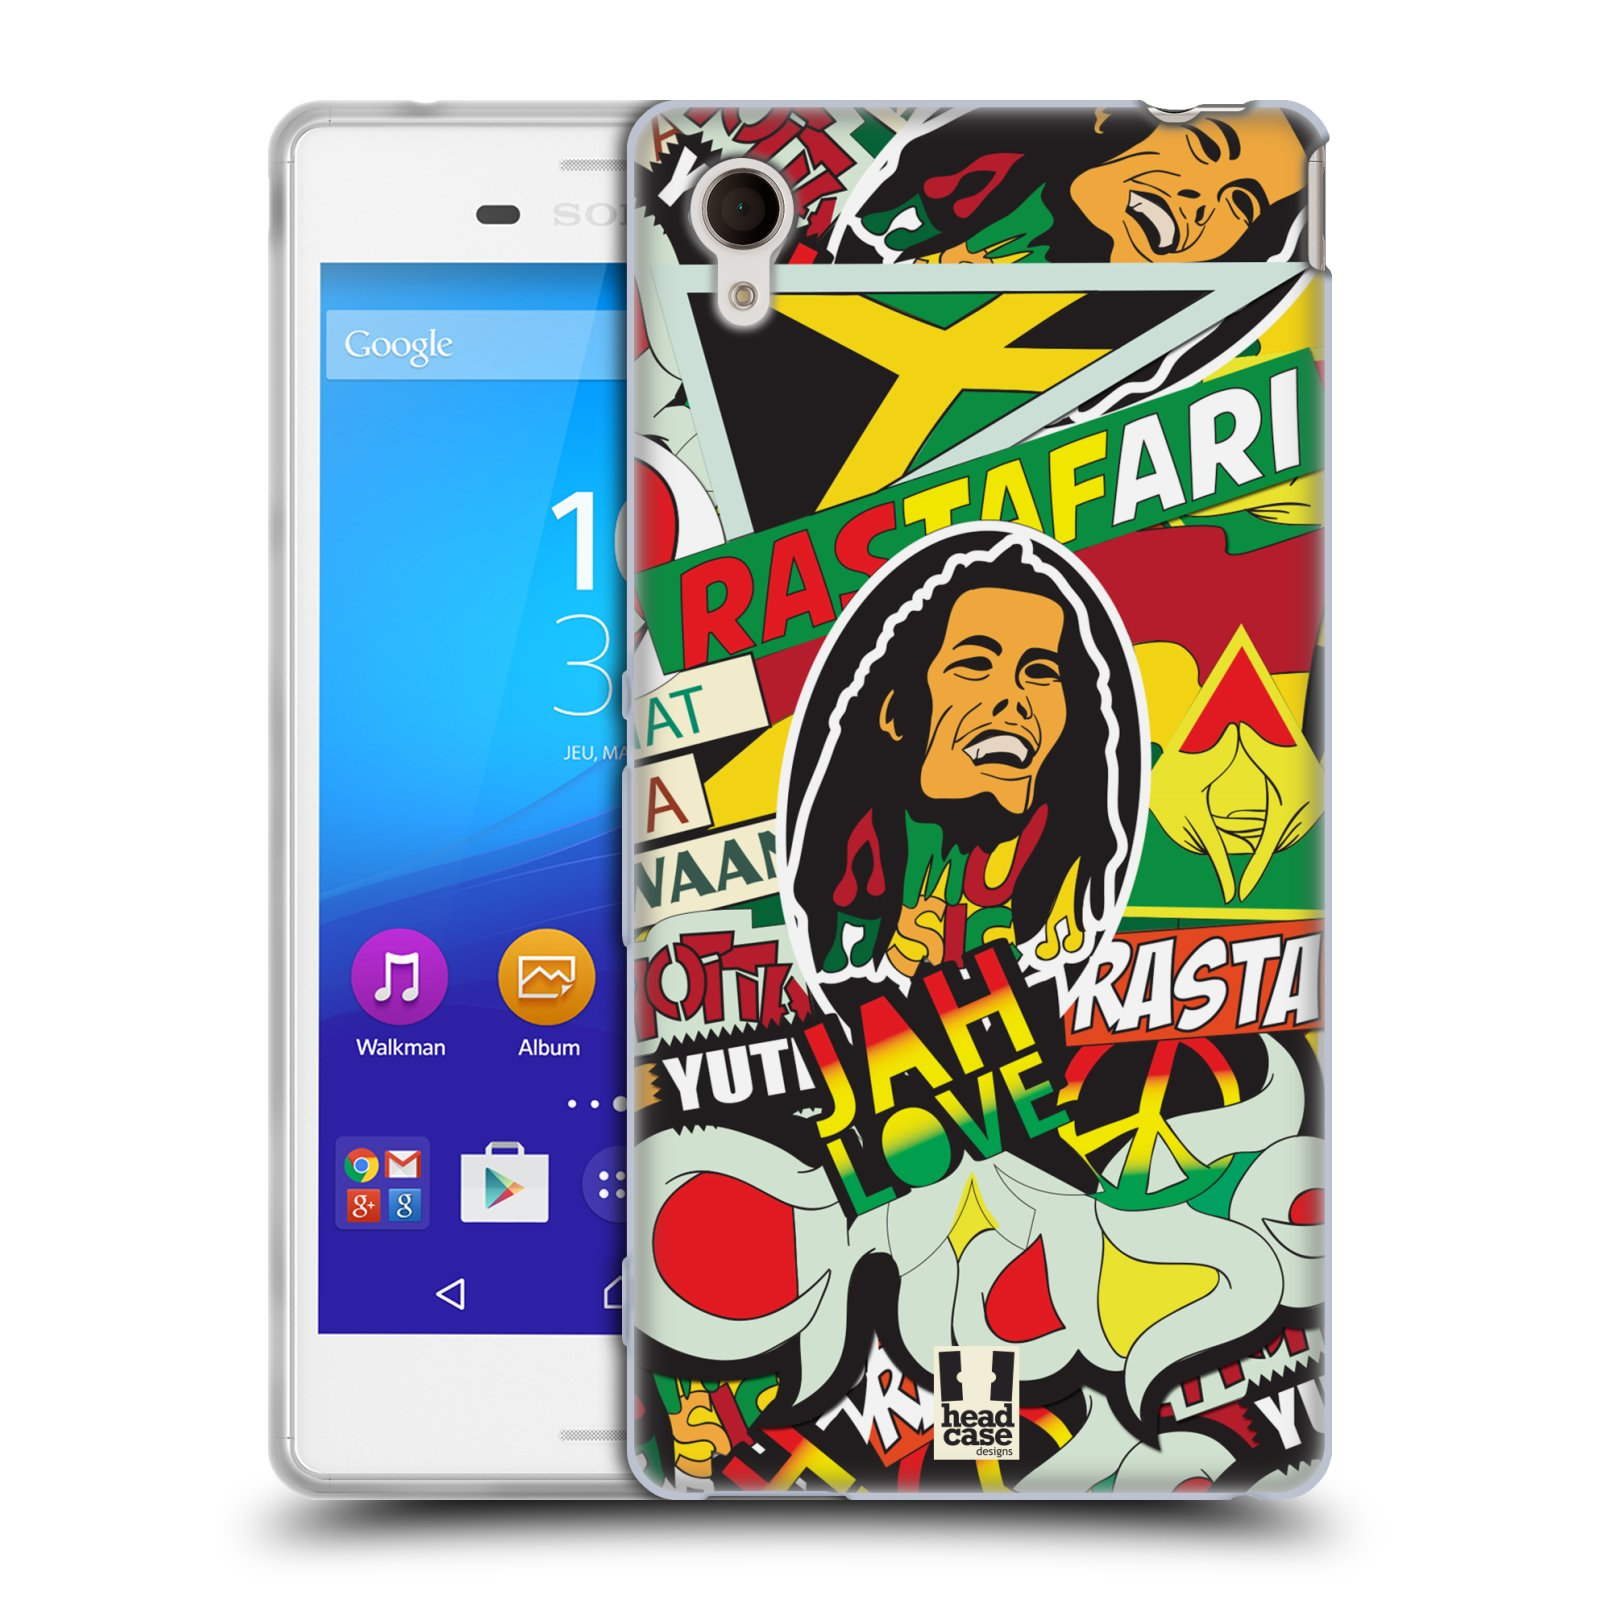 Silikonové pouzdro na mobil Sony Xperia M4 Aqua E2303 HEAD CASE RASTA (Silikonový kryt či obal na mobilní telefon Sony Xperia M4 Aqua a M4 Aqua Dual SIM)